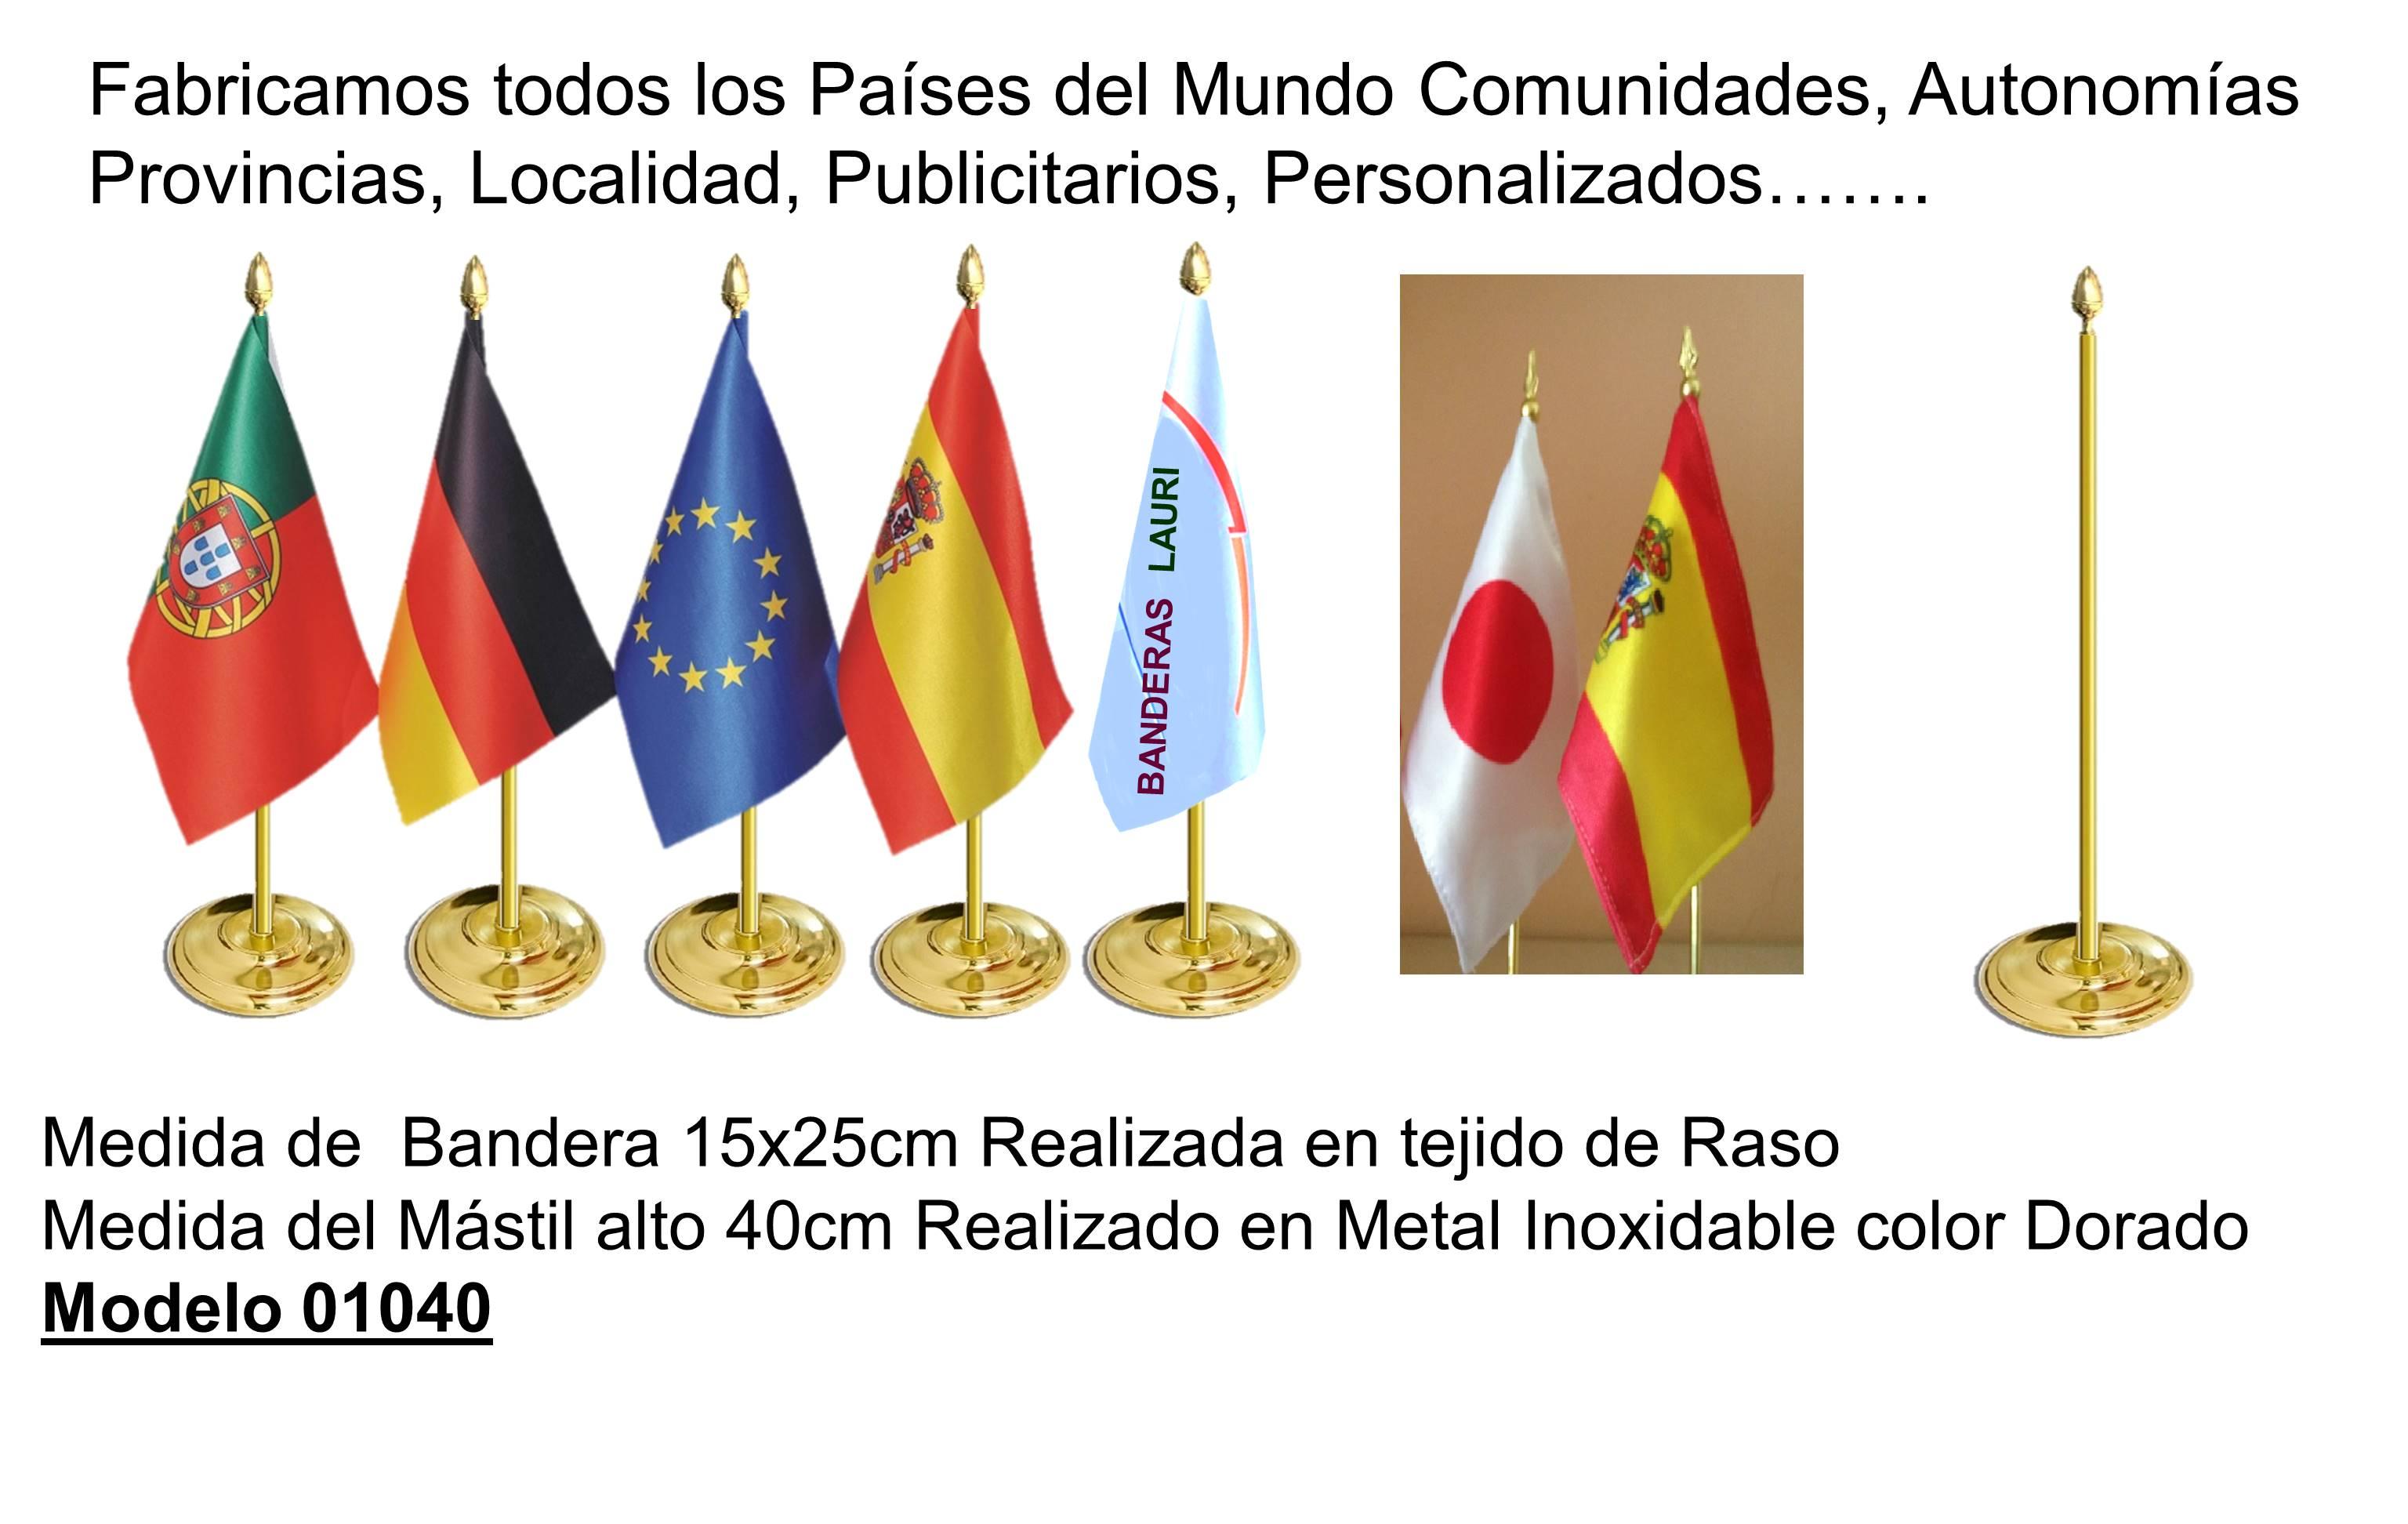 Fabrica y Venta comprar Astas para Banderas de interior